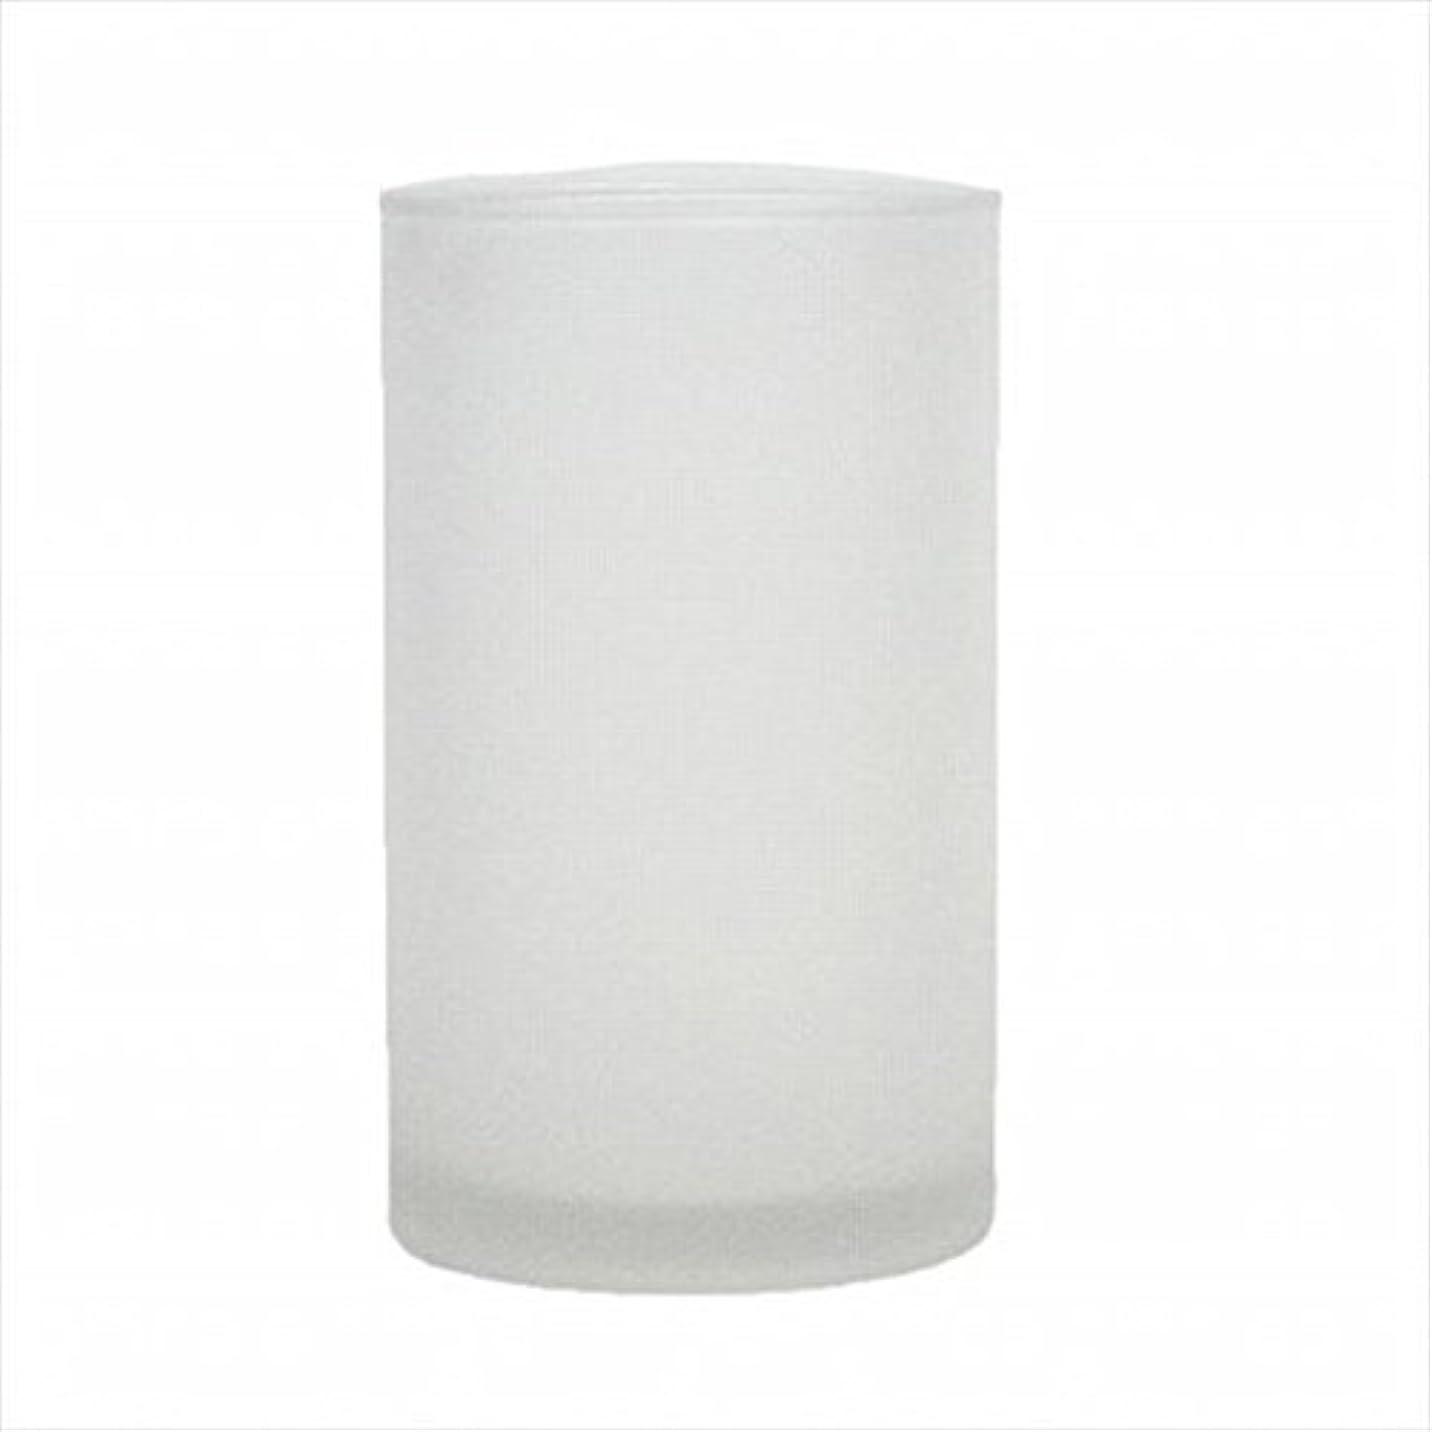 値下げ欠員植木kameyama candle(カメヤマキャンドル) モルカグラスSフロスト キャンドル 90x90x155mm (65980000)